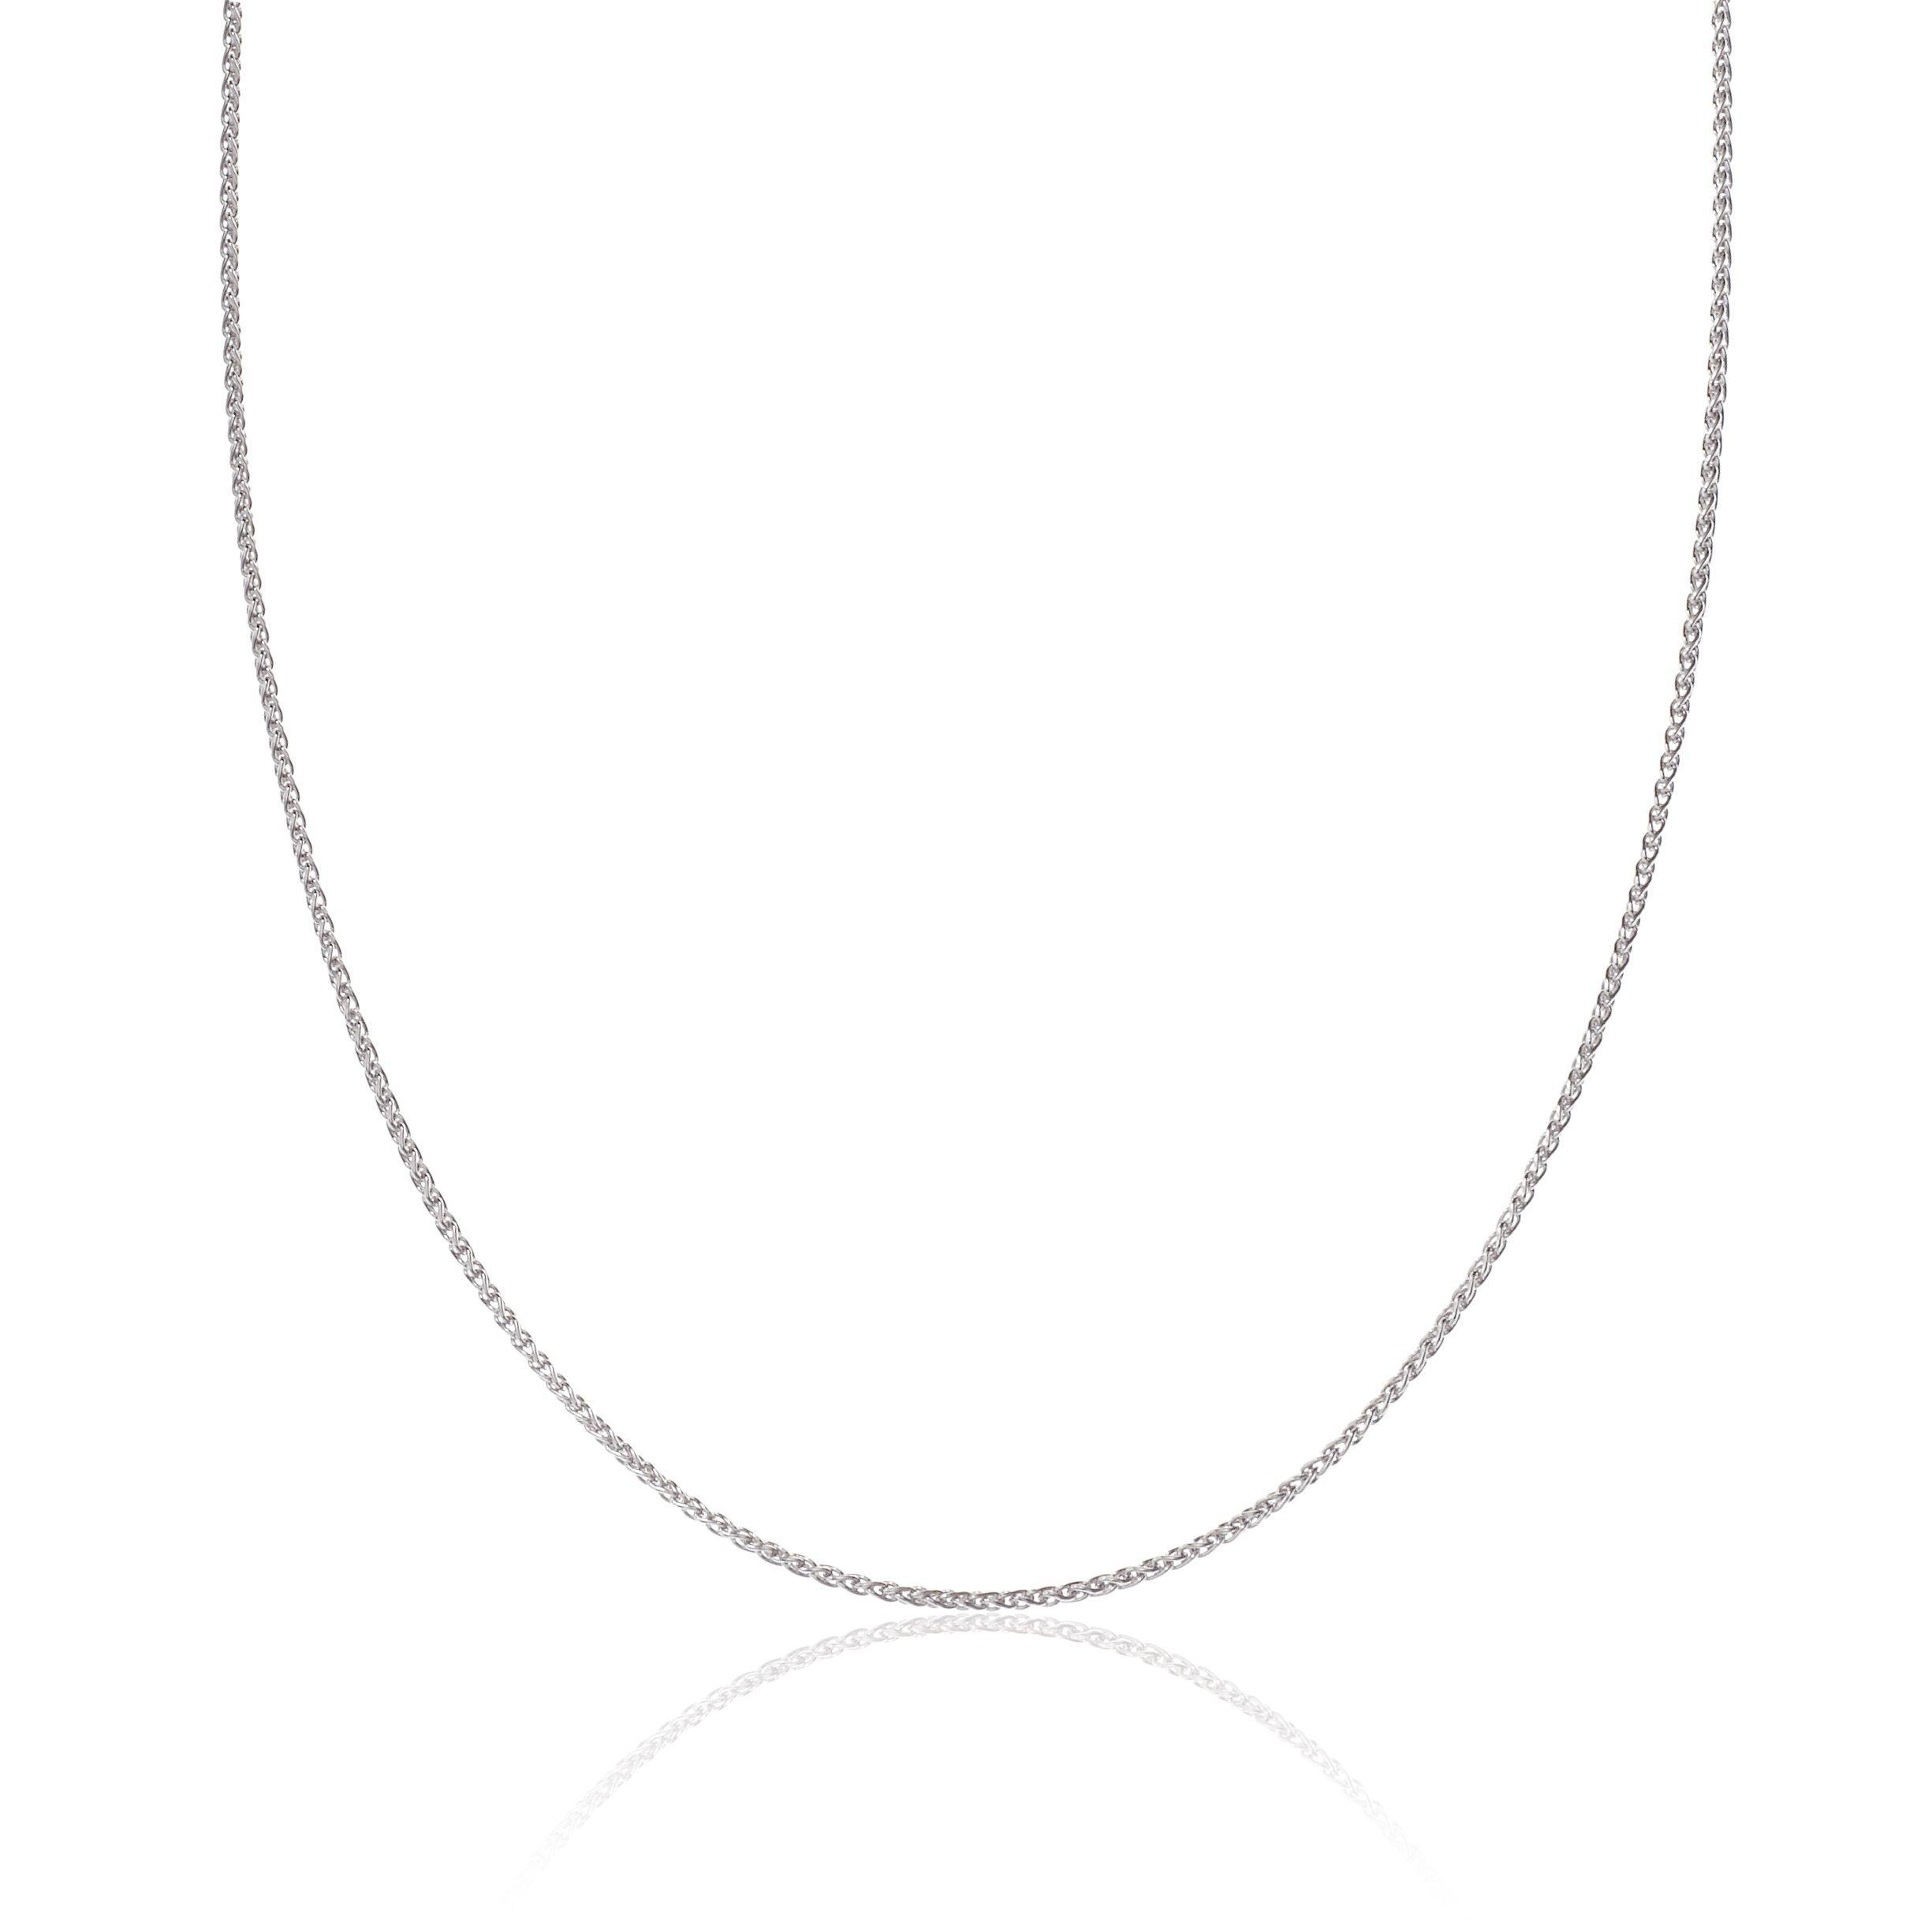 9ct White Gold Spiga Chain